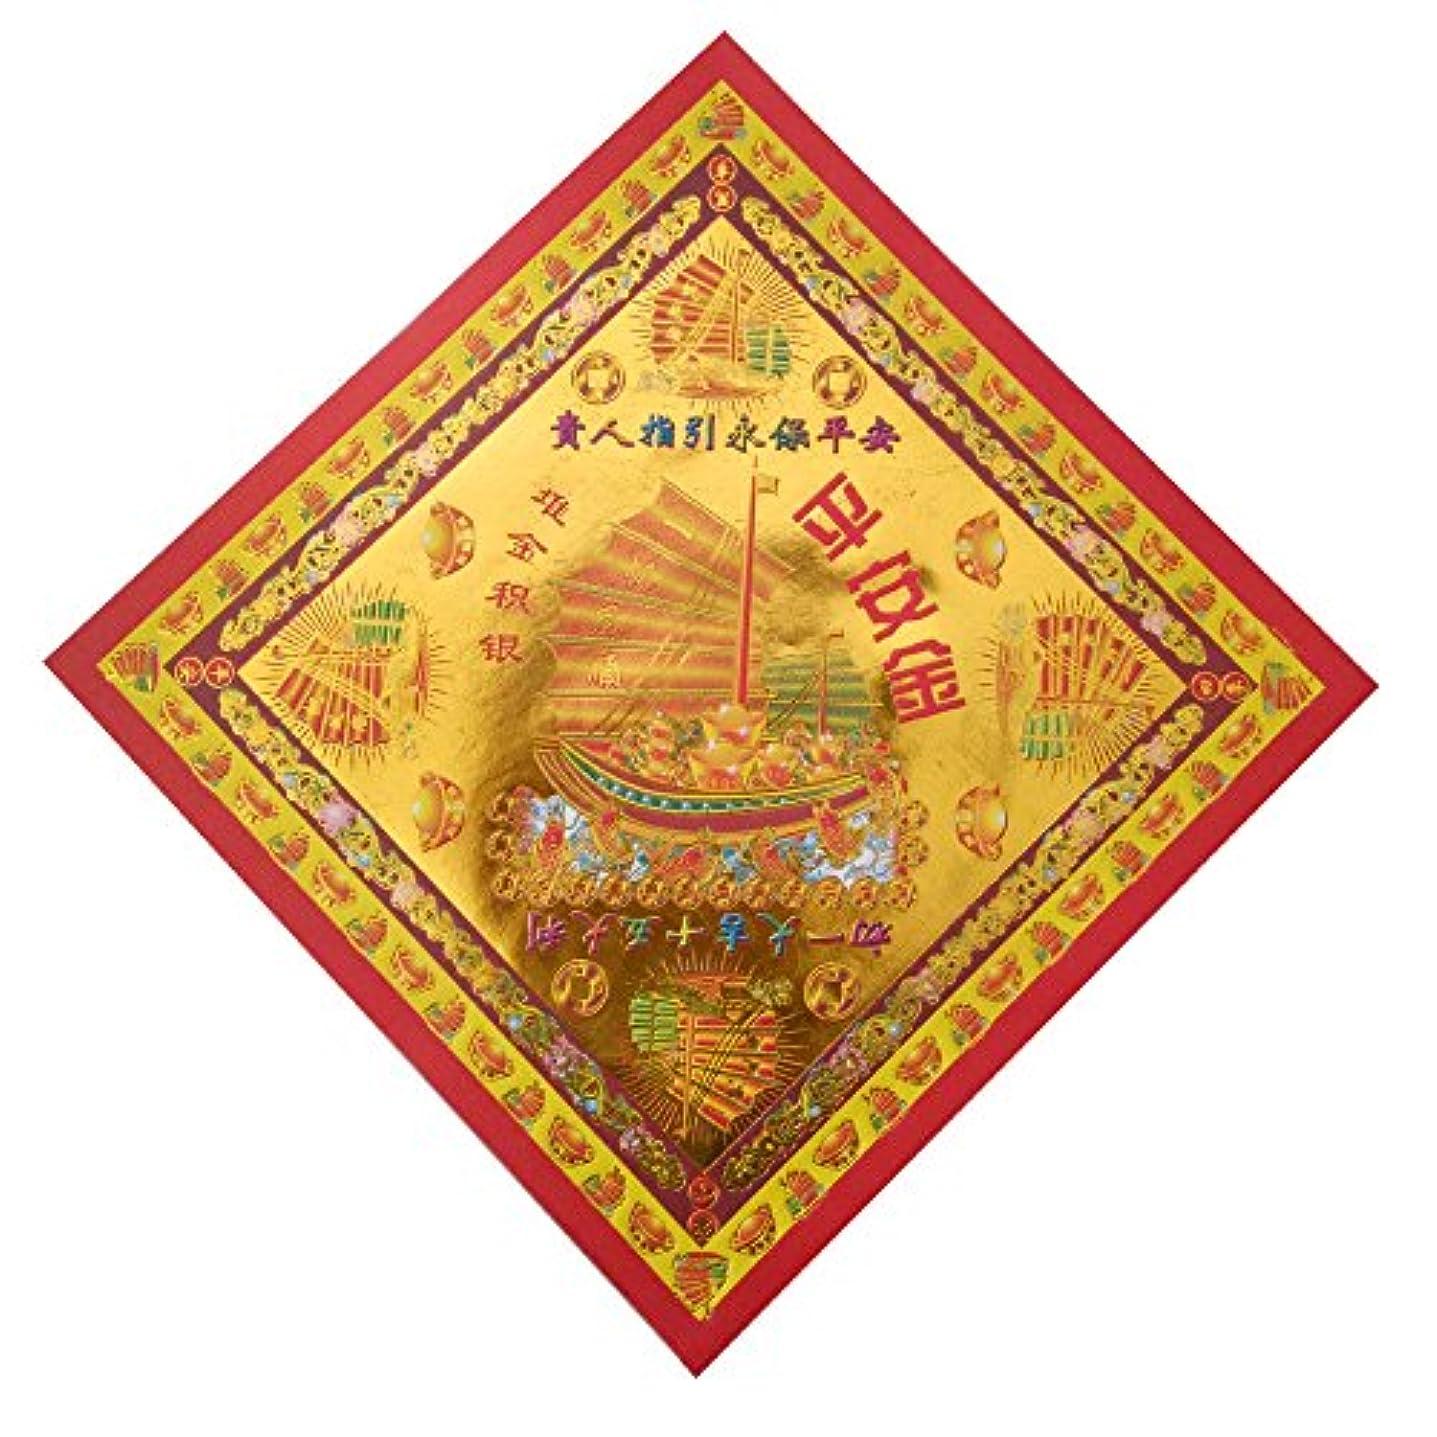 クッション口ひげ分子zeestar祖先Incense用紙/Joss用紙ハイグレードカラフルwithゴールドの箔の祖先Praying 7.6インチx 7.6インチ、40個